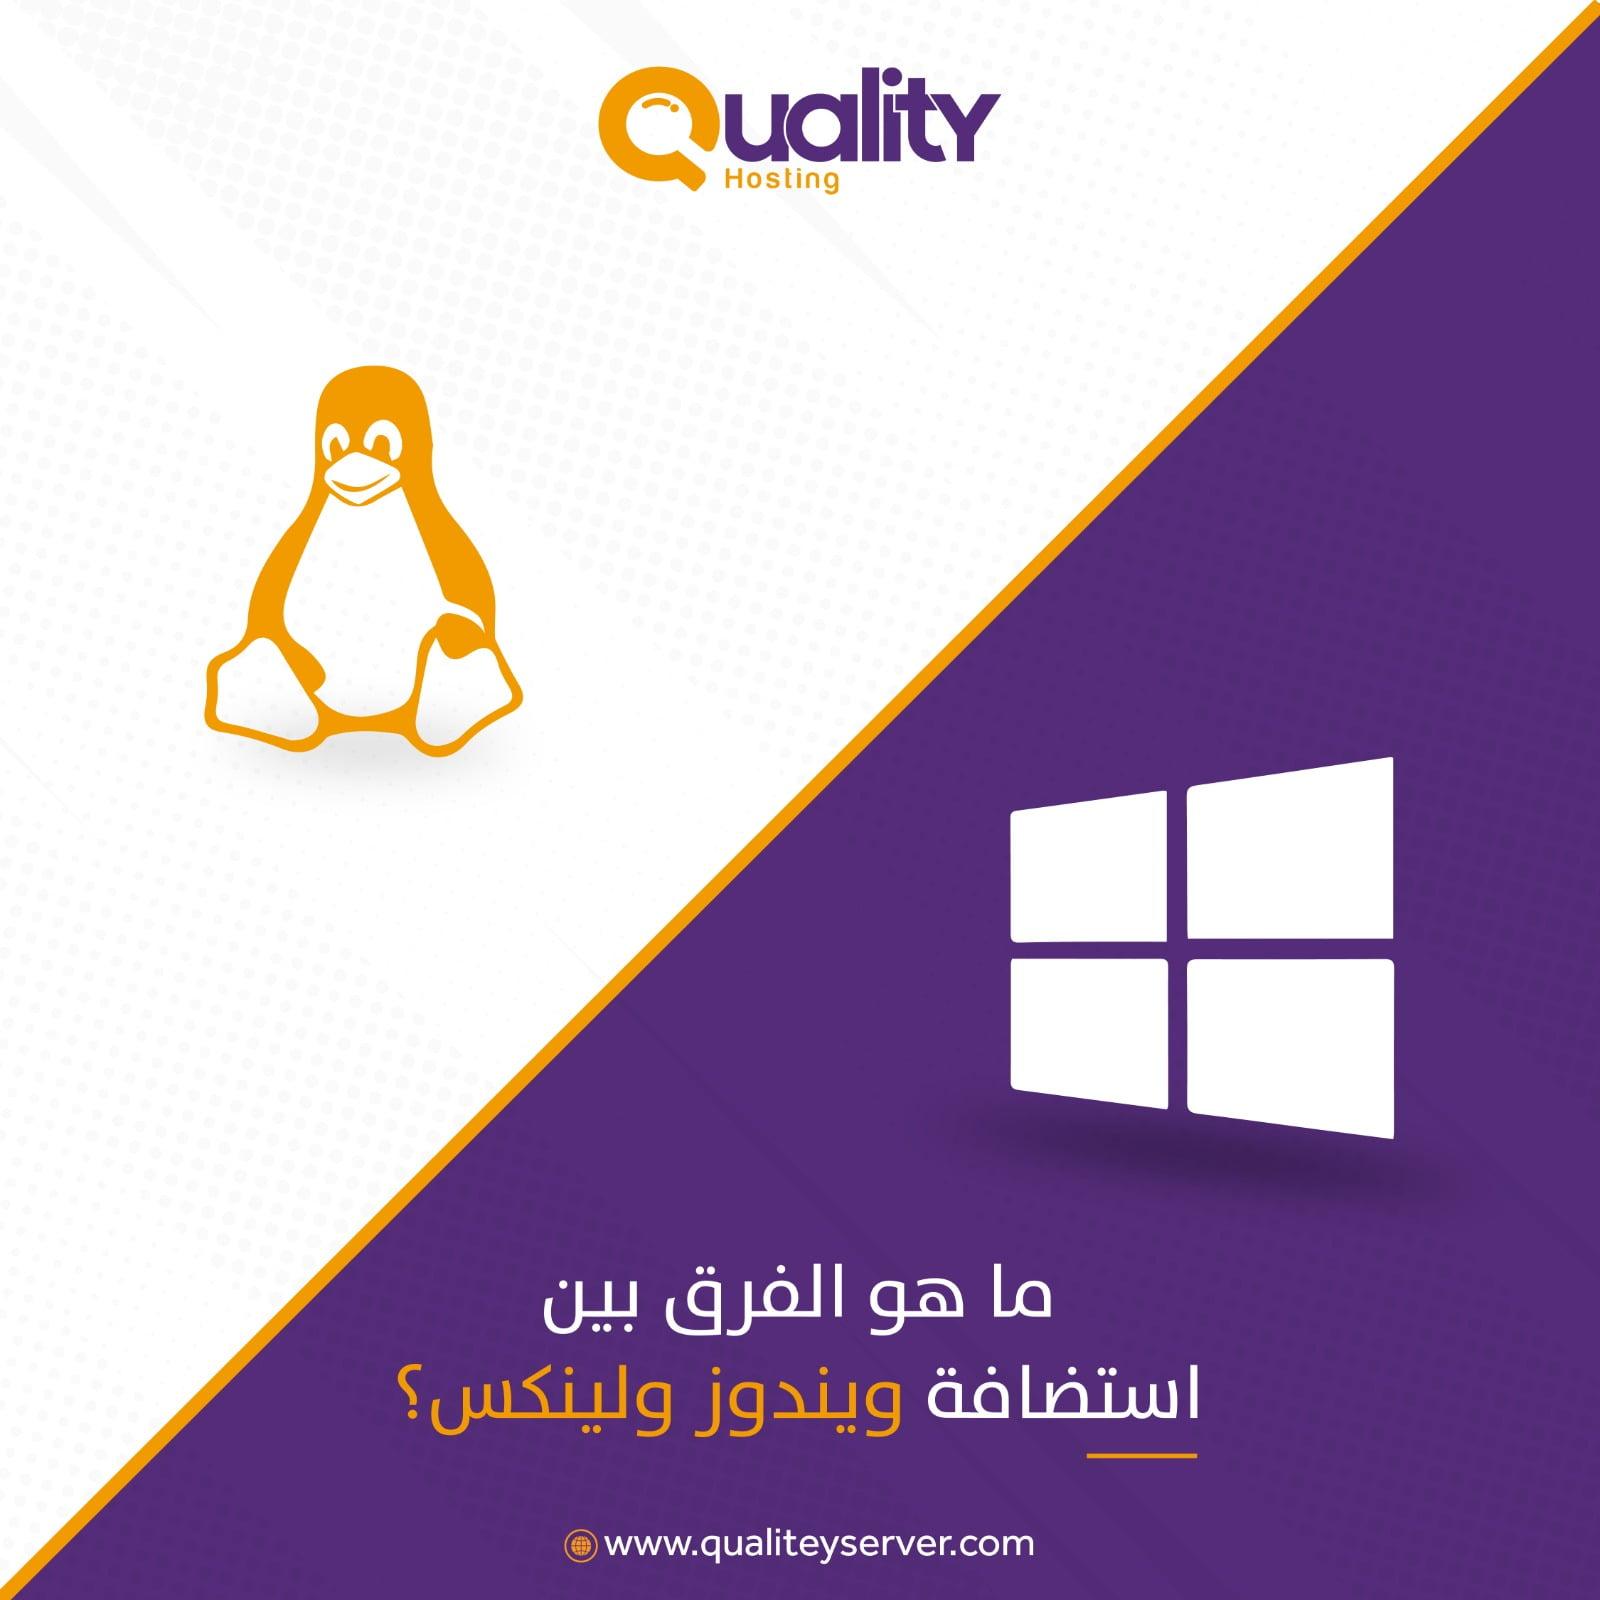 ما هو الفرق بين استضافة ويندوز واستضافة لينكس؟